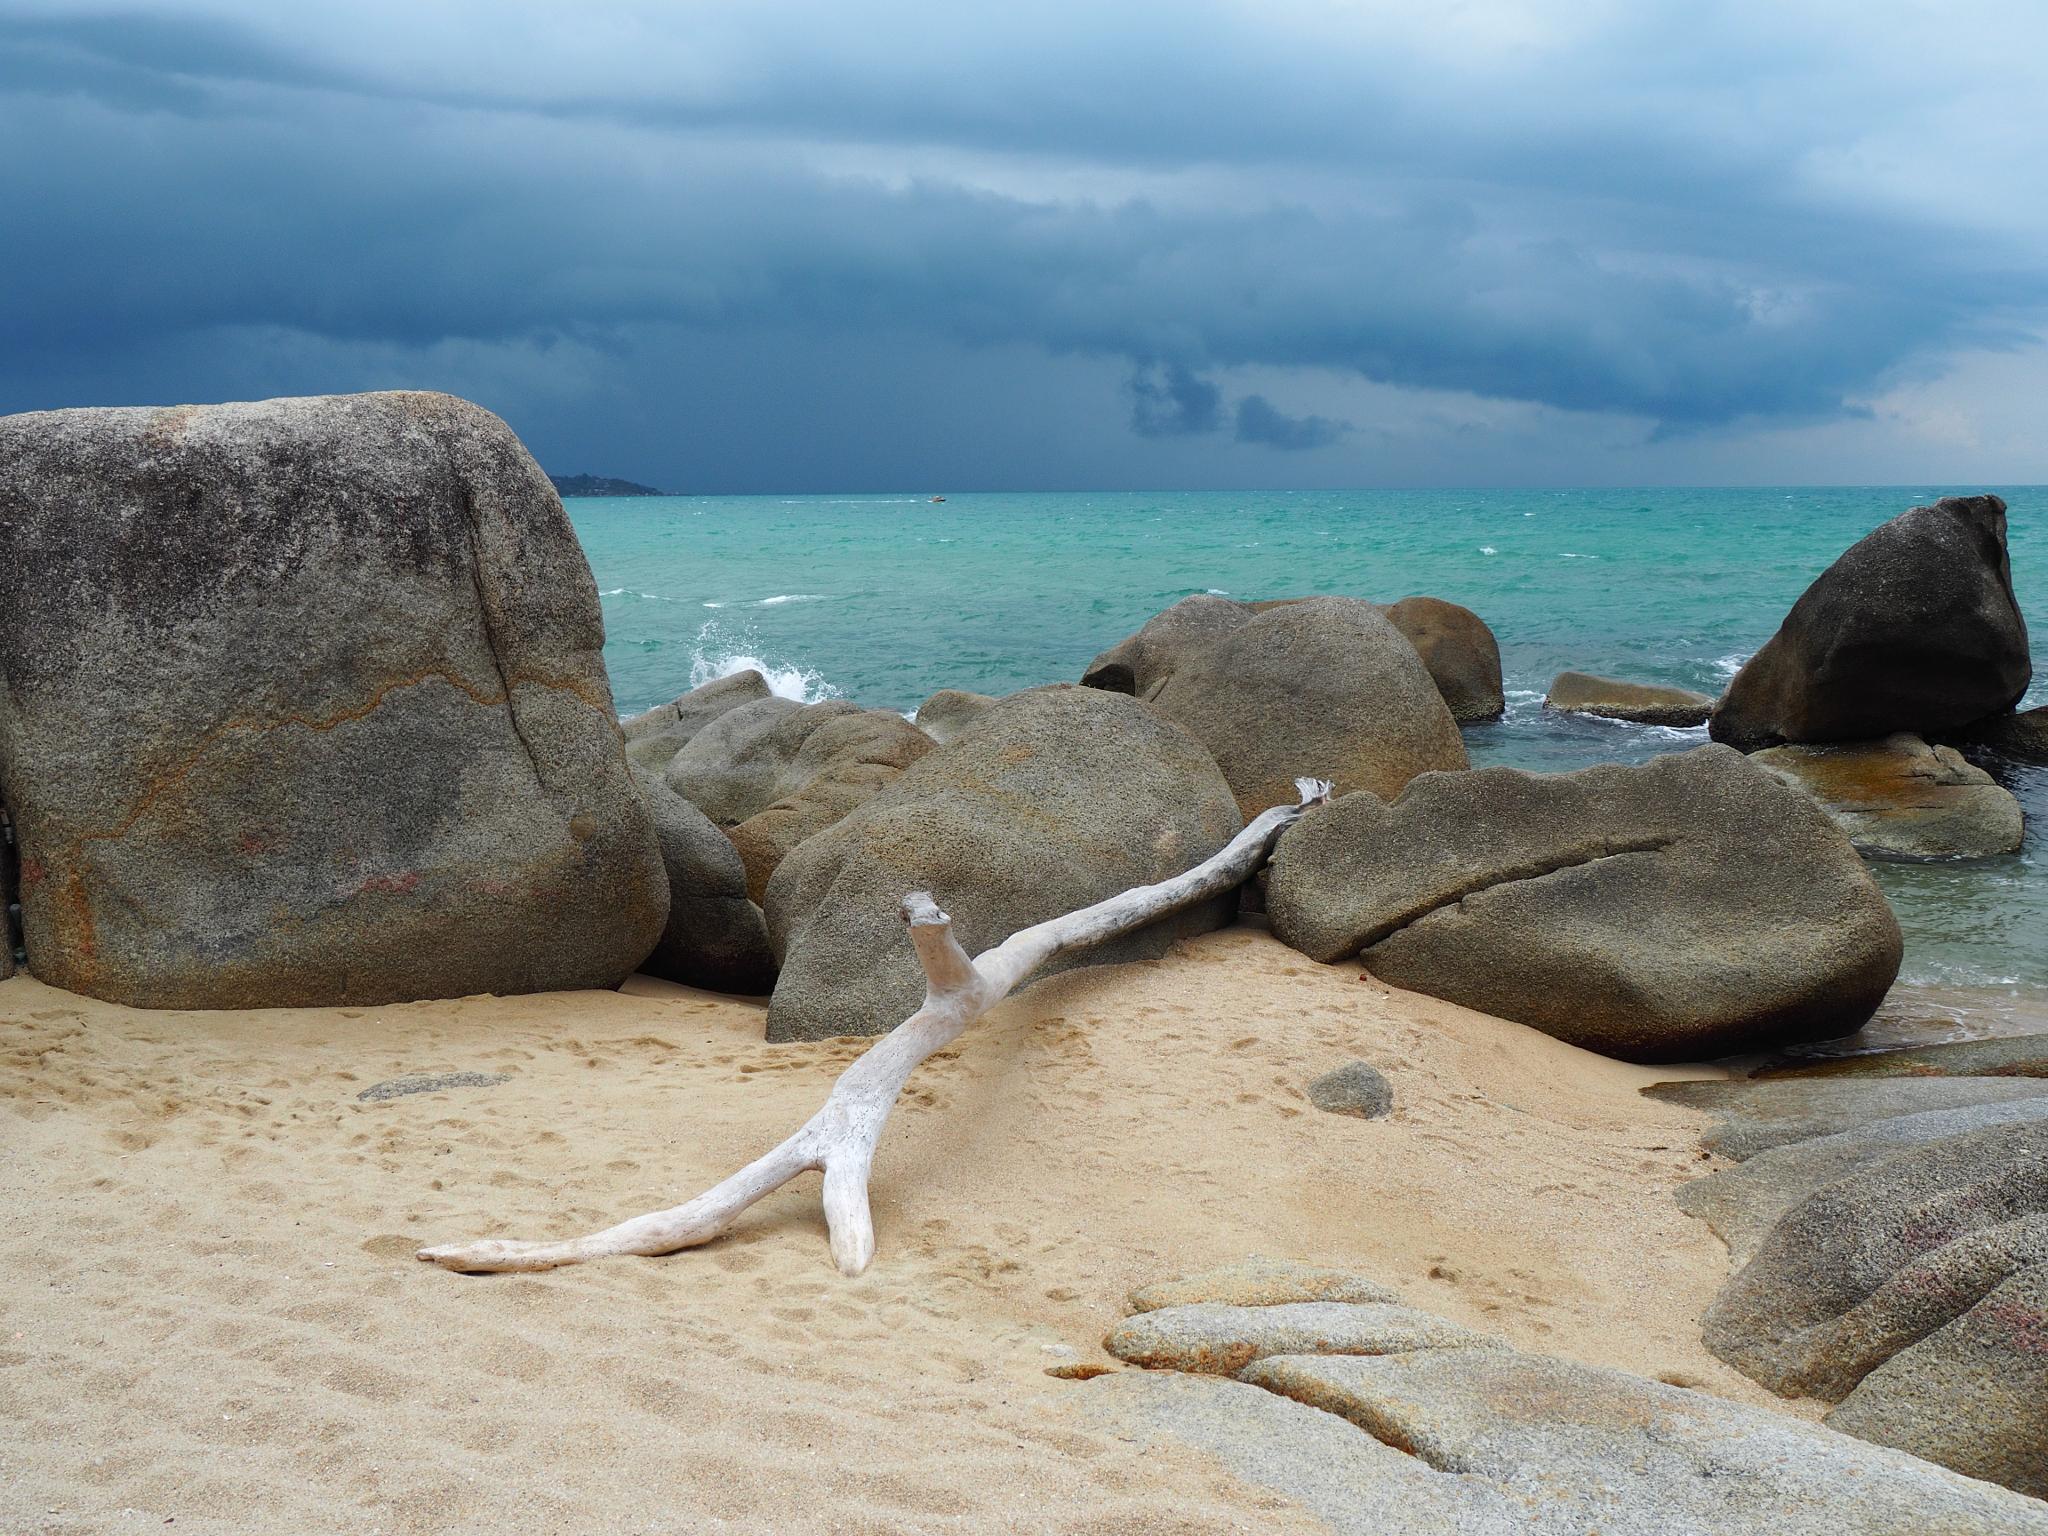 Before the storm by Igor Marach